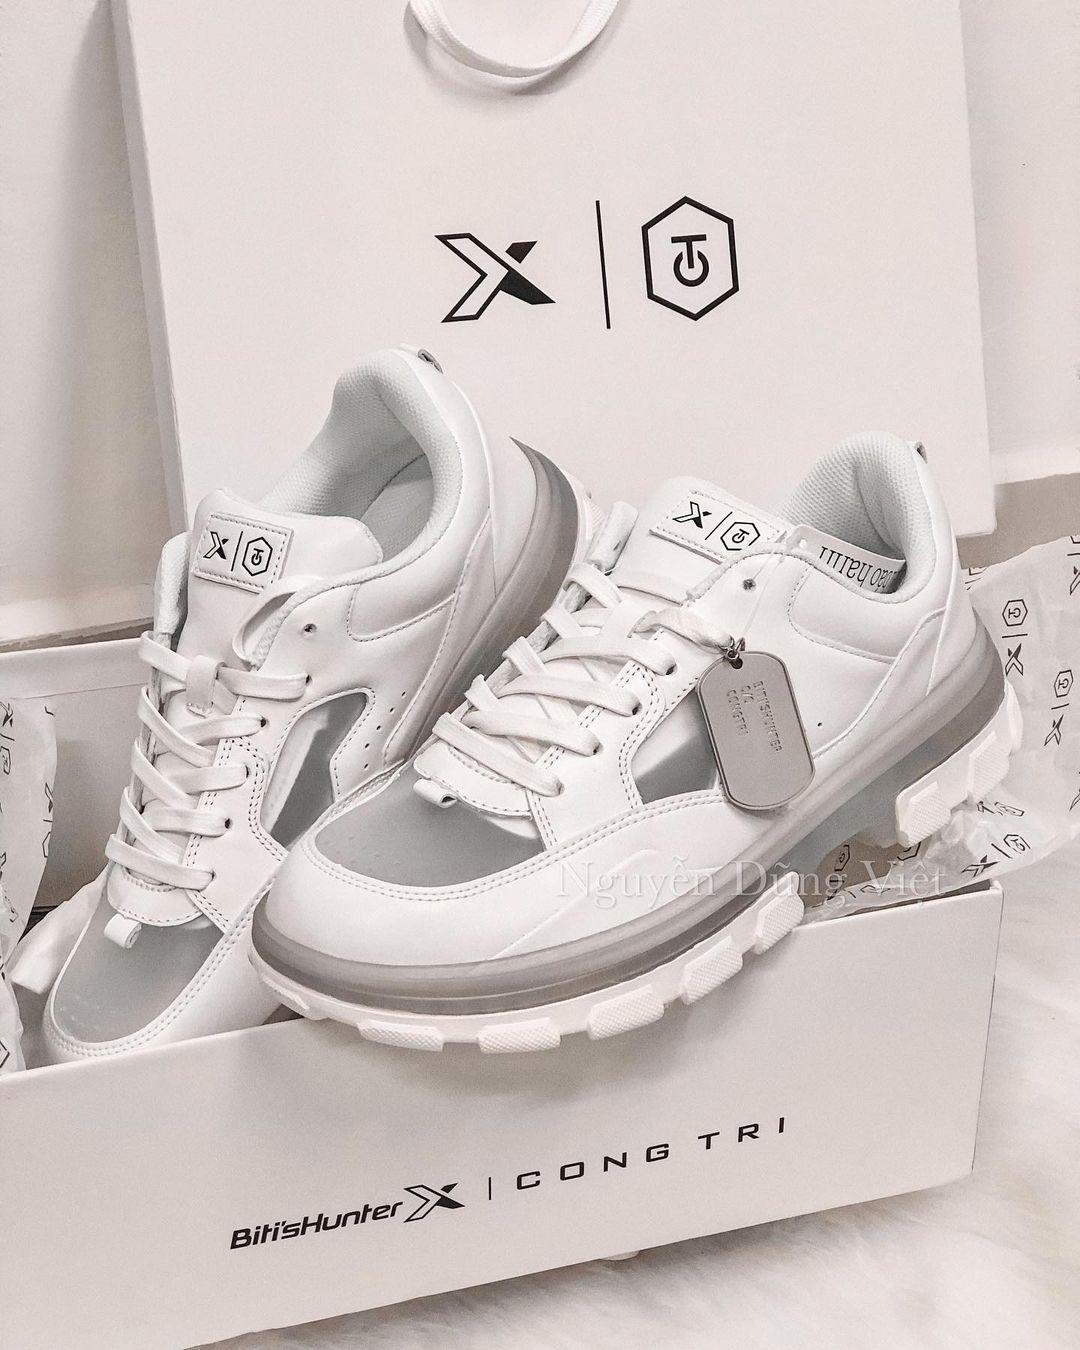 NTK Công Trí bắt tay Bitis Hunter tạo siêu phẩm sneaker mới, có gì hot mà netizen phát cuồng hết cả lên? - Ảnh 2.